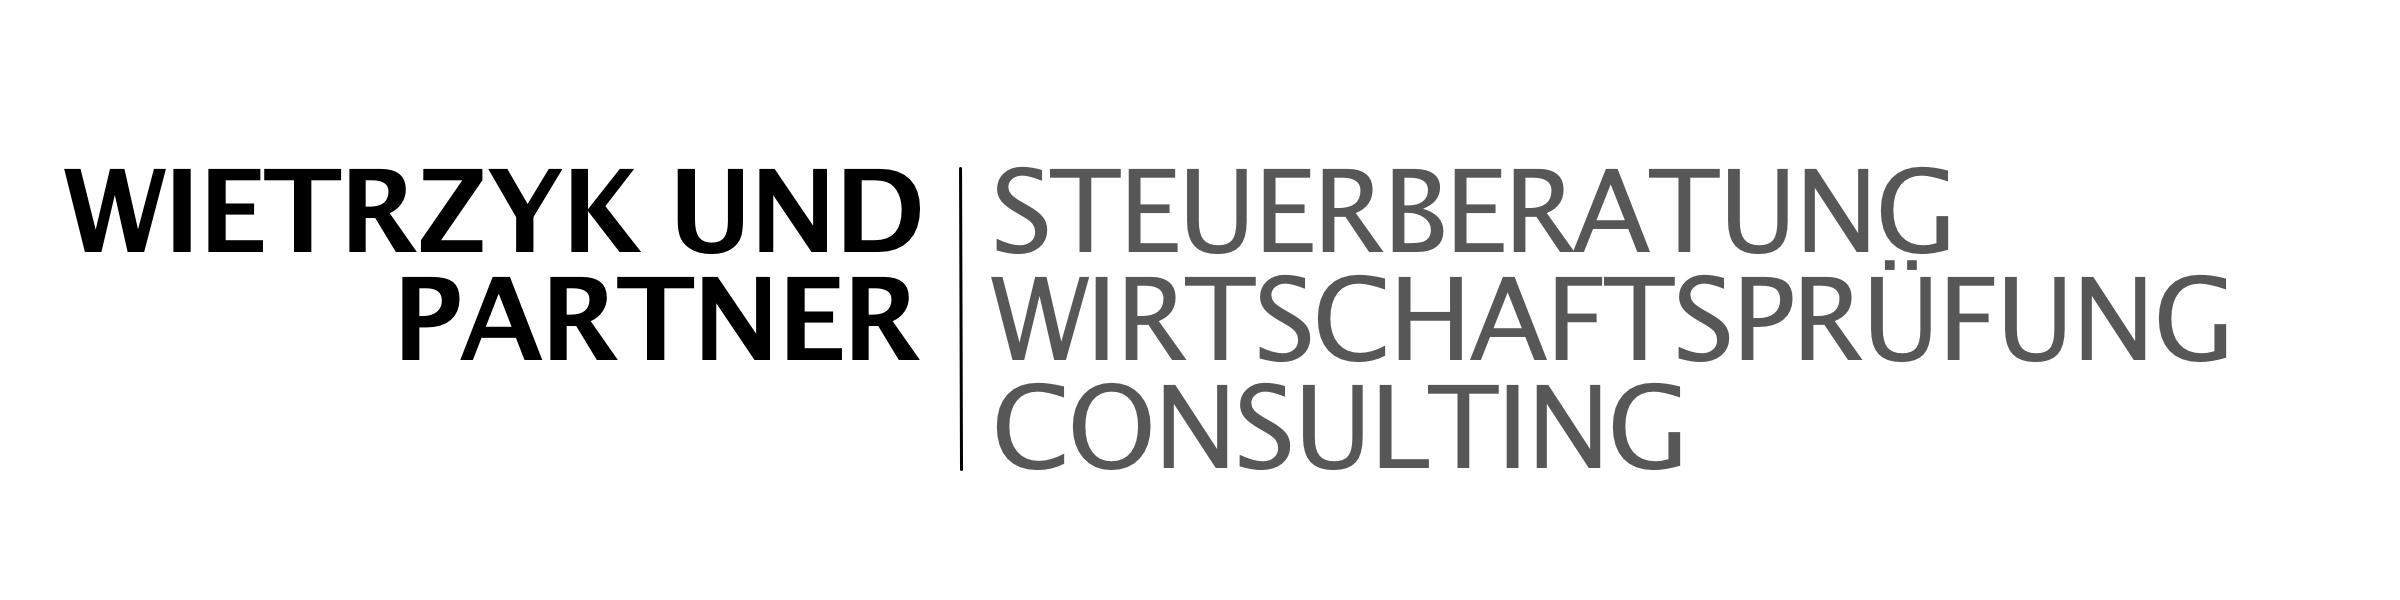 Wietrzyk & Partner